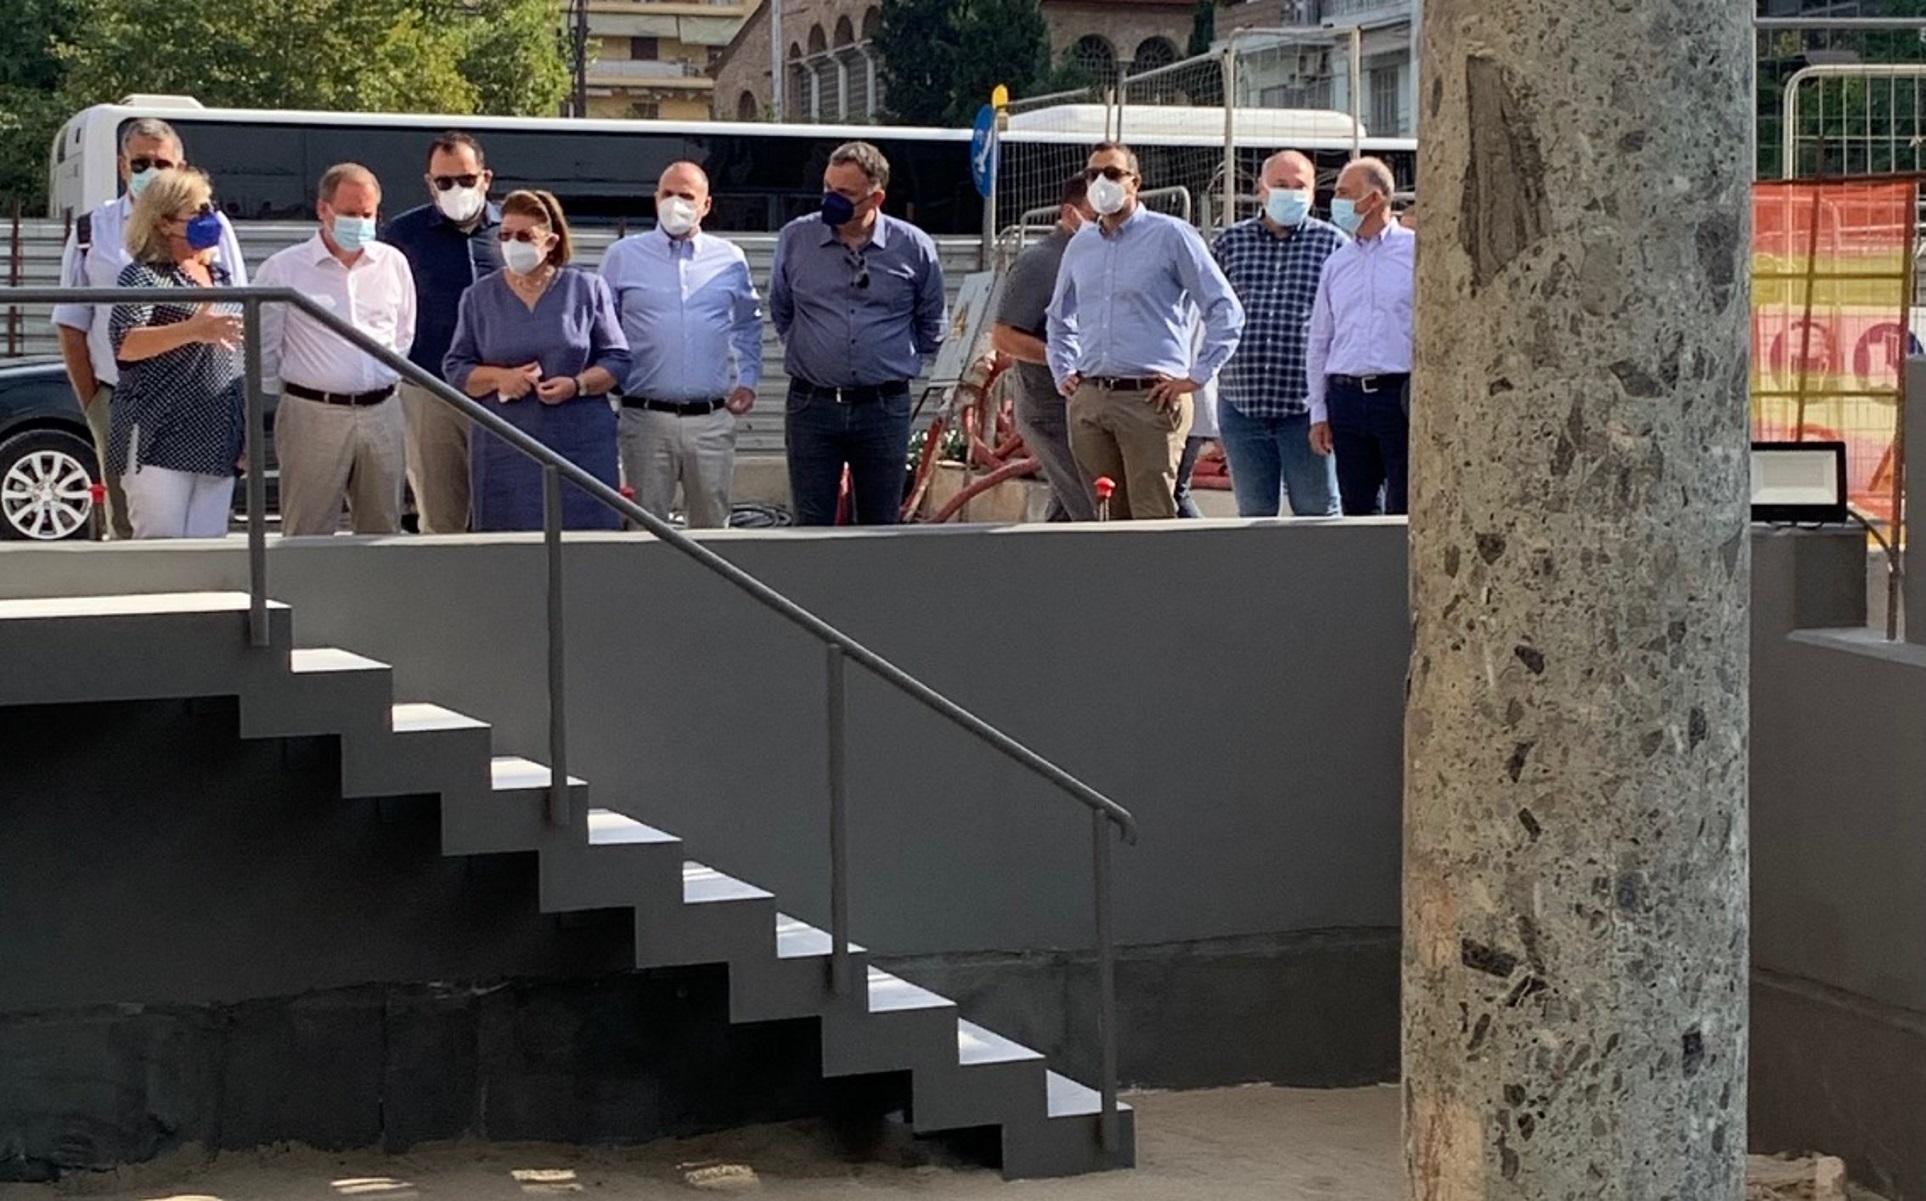 Μετρό Θεσσαλονίκης: Αυτοψία Λίνας Μενδώνη και Κώστα Καραμανλή στον σταθμό Αγίας Σοφίας